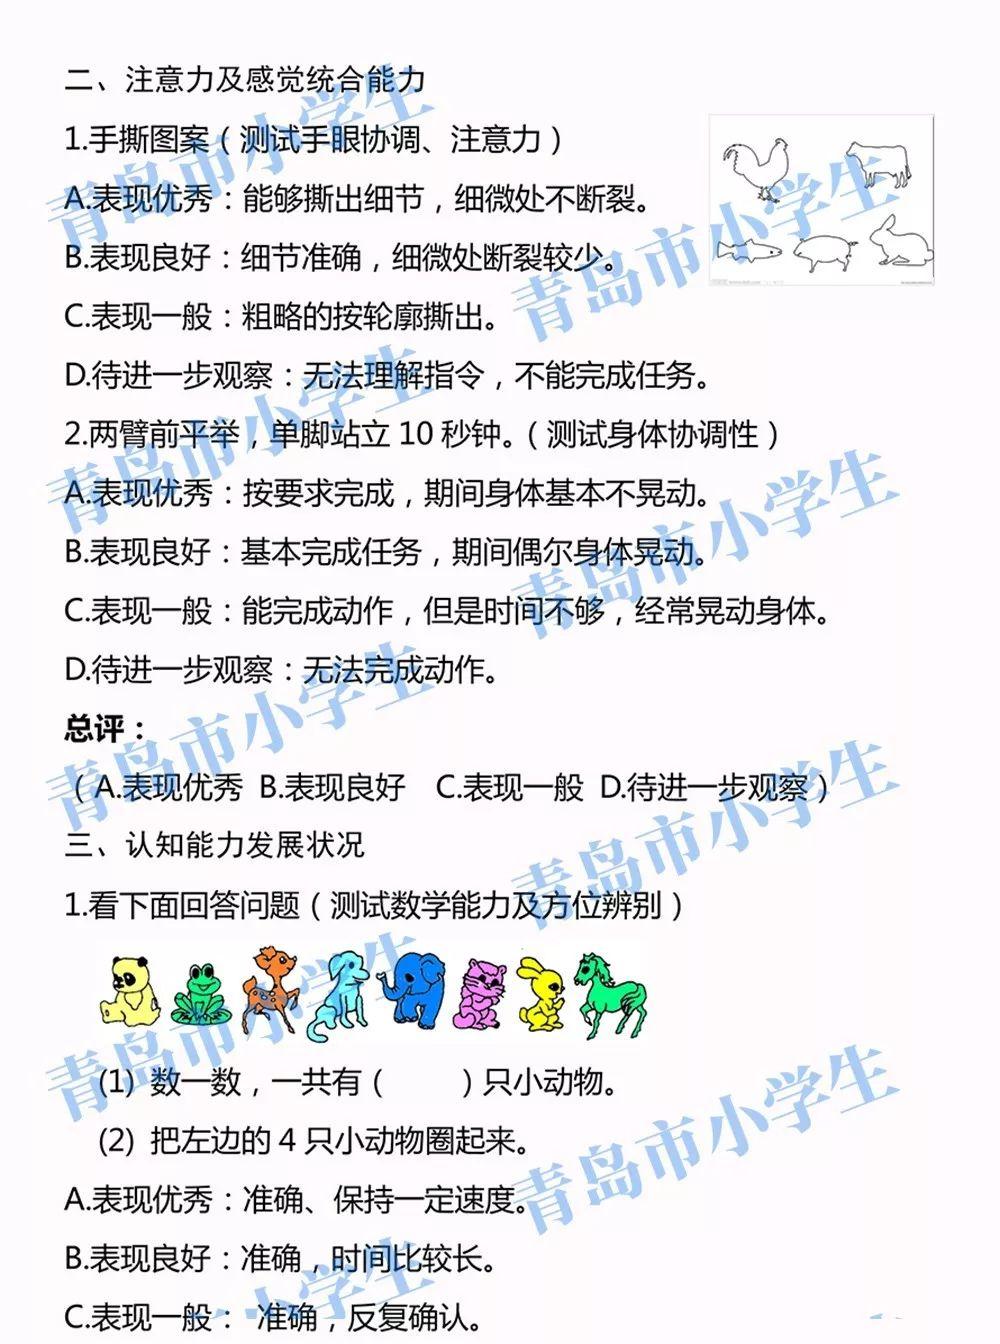 青岛各区小学新生入学面试题+老师评分标准 收藏